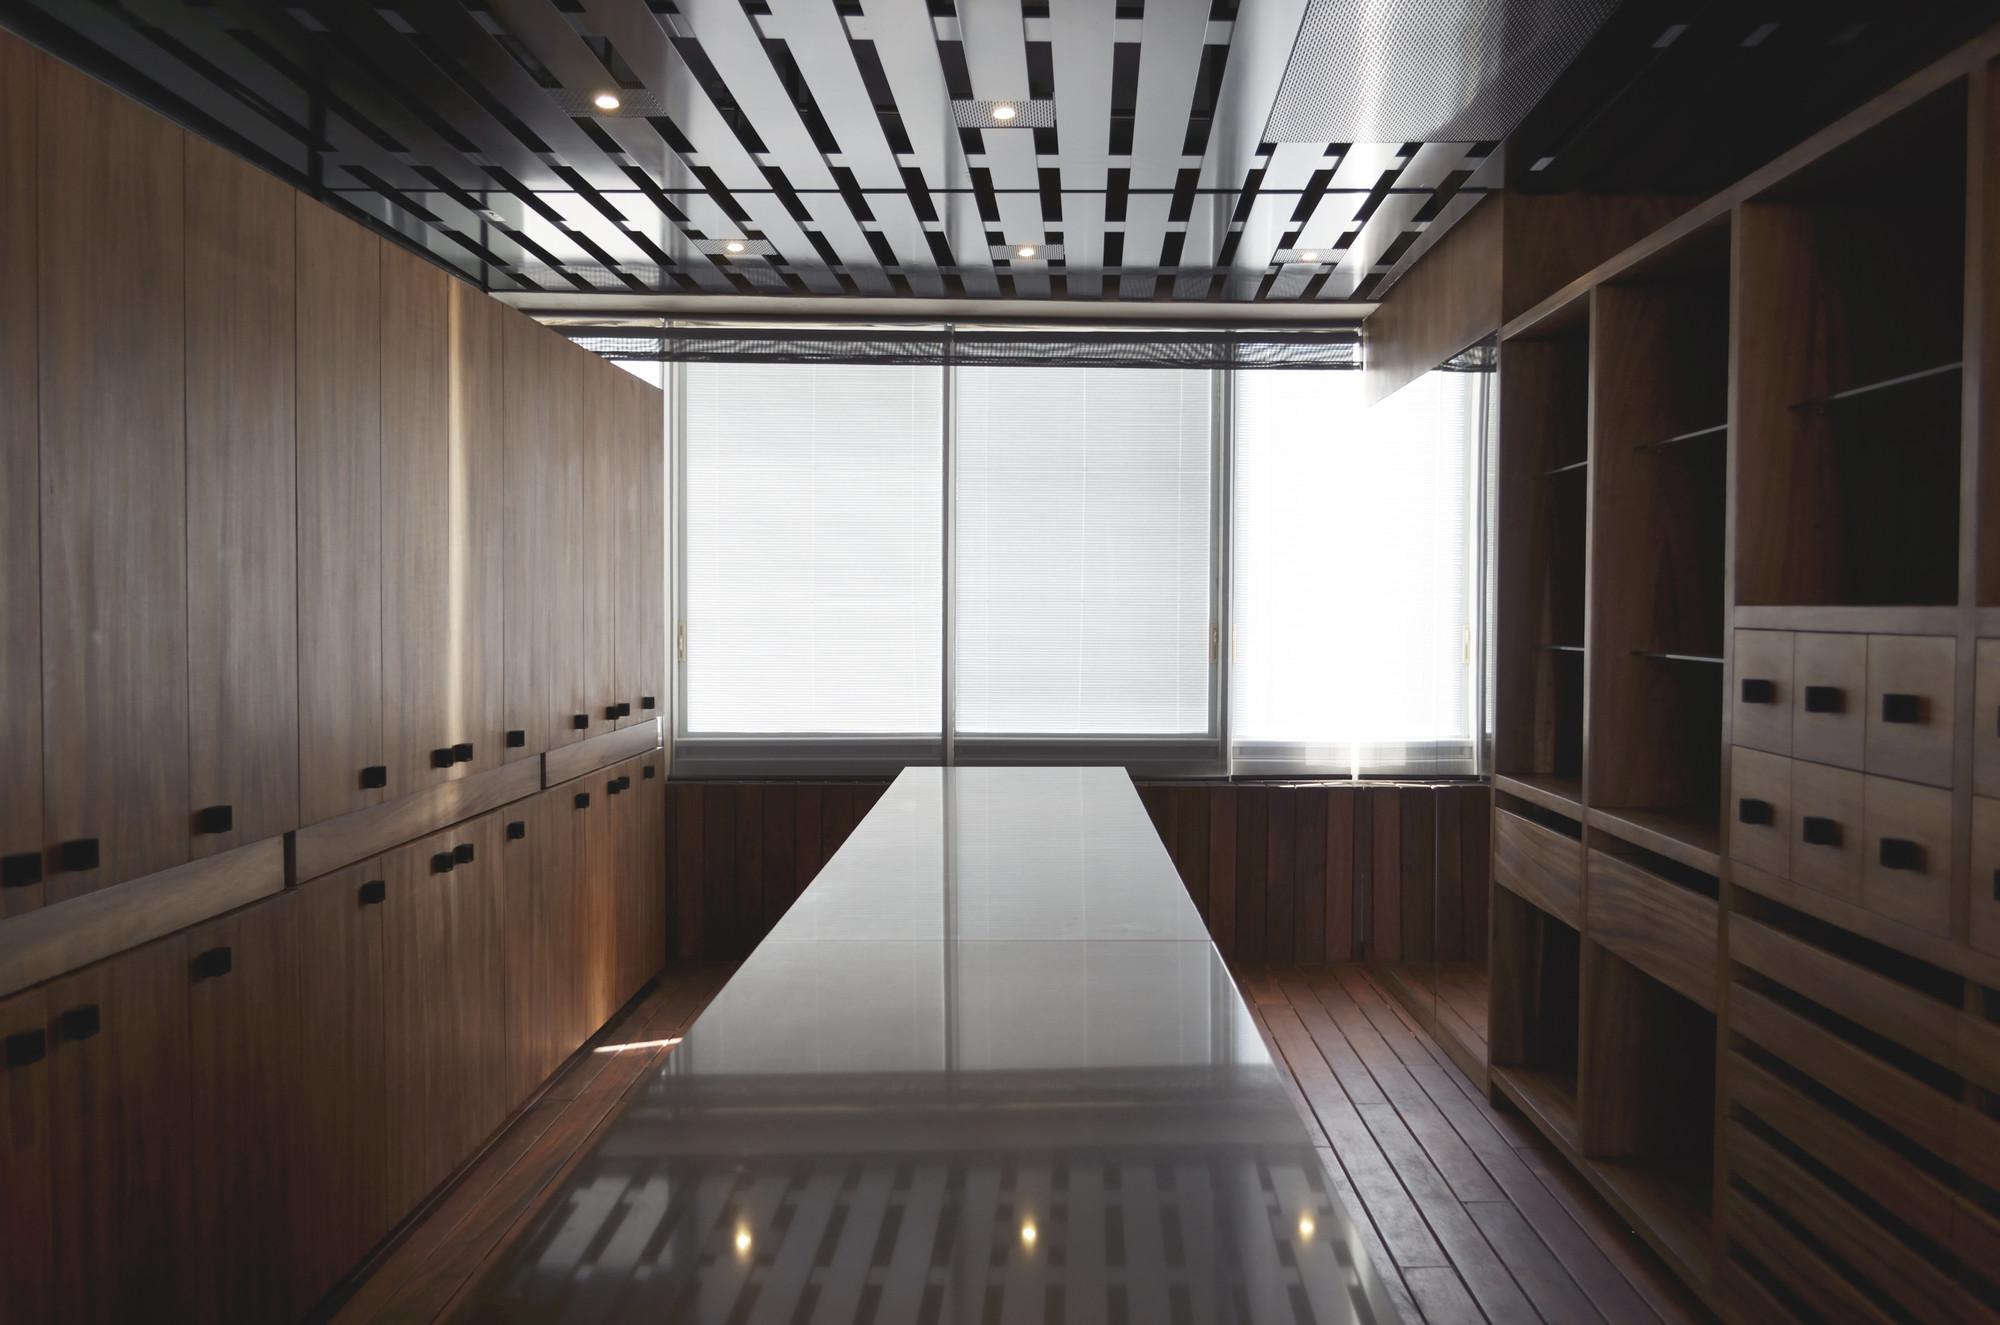 Muebles y edificios, una formalidad compartida / ARS° Atelier de Arquitecturas, Vestidores en proyecto PH Hiro. Image Courtesy of Atelier ARS°